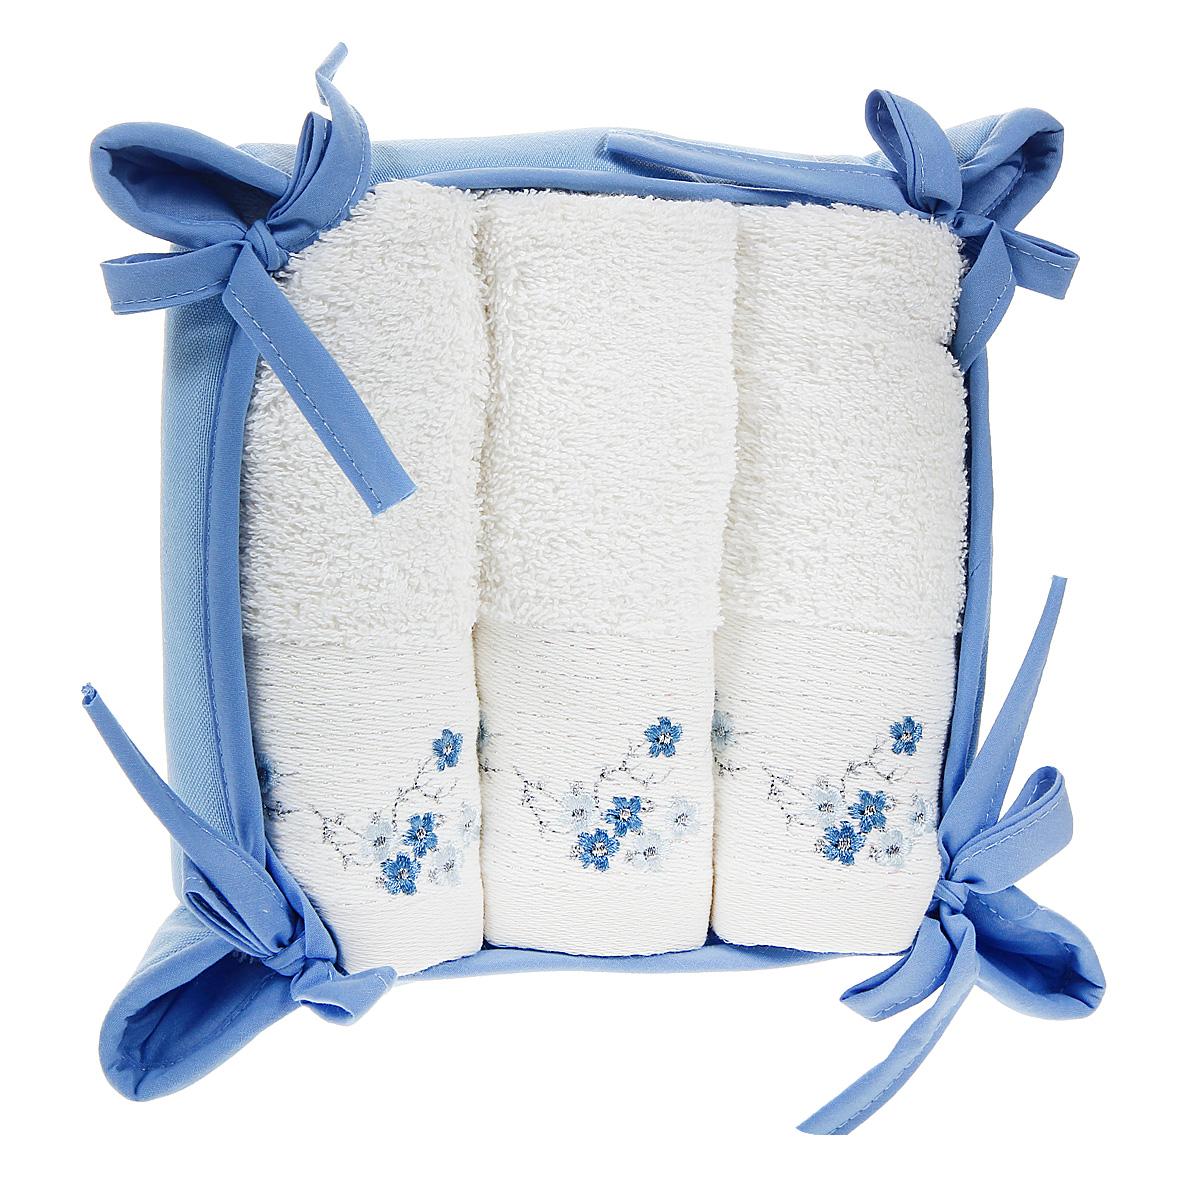 Набор полотенец Coronet в корзинке, 30 см х 50 см, 3 шт. К-МП-4020-08-14К-МП-4020-08-14Набор Coronet состоит из трех махровых полотенец белого цвета, выполненных из натурального хлопка. Высочайшее качество материала гарантирует безопасность не только взрослых, но и самых маленьких членов семьи. Изделия оформлены люрексом и изящной цветочной вышивкой. Полотенца отличаются нежностью и мягкостью материала. Они прекрасно впитывают влагу, быстро сохнут и не теряют своих свойств после многократных стирок. Неординарные мотивы, необычные дизайнерские решения, оригинальная фурнитура сделают этот подарок незабываемым. Полотенца упакованы в текстильную корзинку голубого цвета. Рекомендации по уходу: - стирать при температуре 40°С, - химчистка запрещена, - нельзя отбеливать, - сушить при низкой температуре, - гладить при высокой температуре (до 200°С).